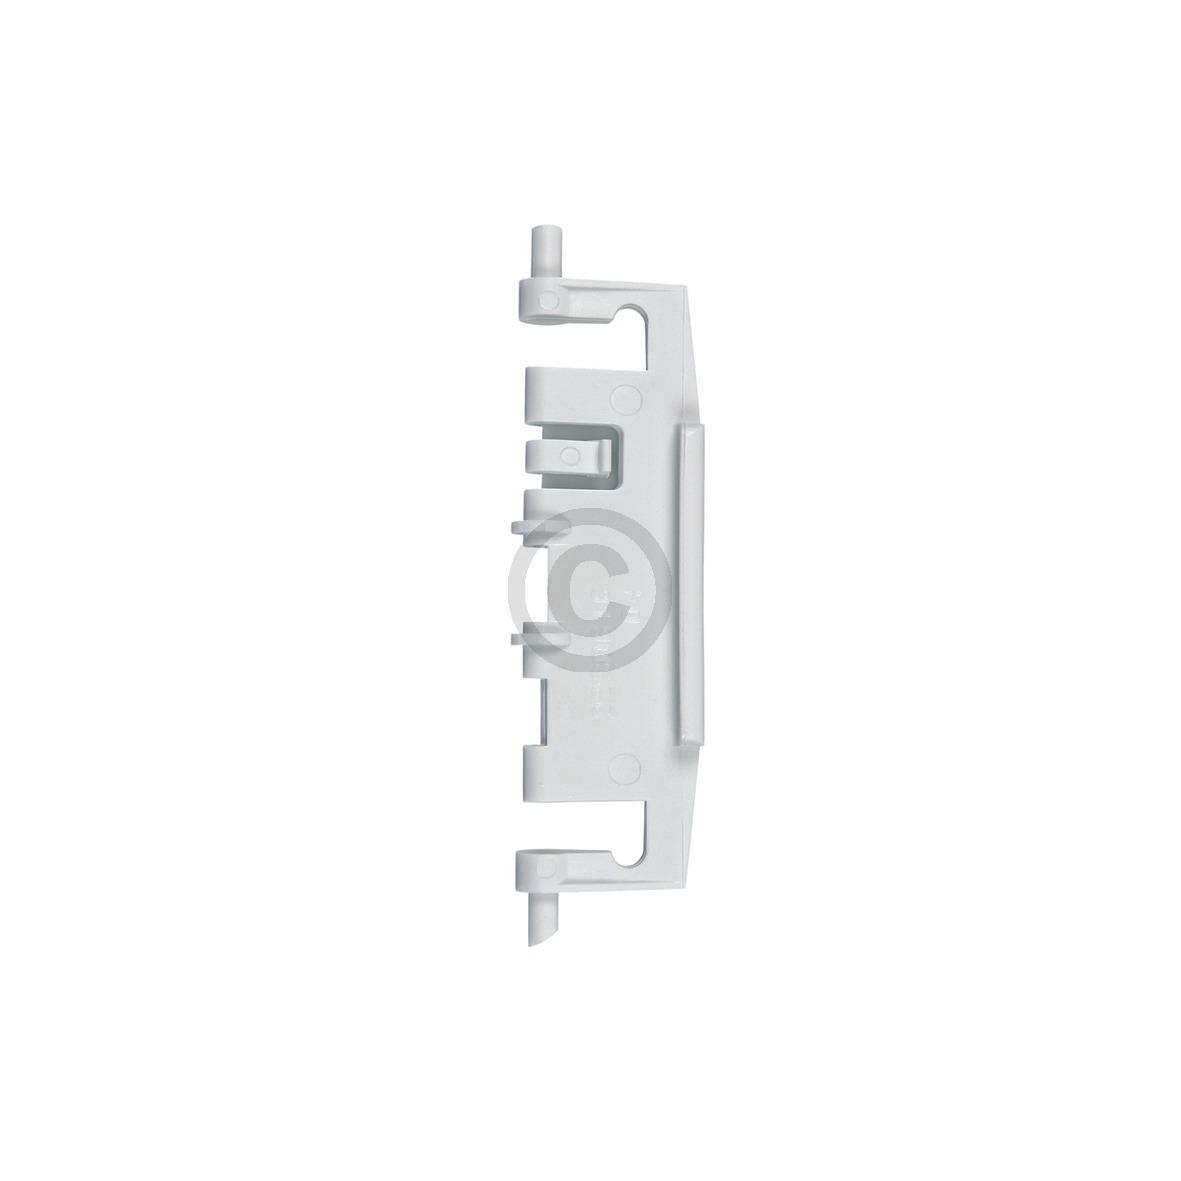 Türgrifffeder für Gefrierfach 223061602 AEG, Electrolux, Juno, Zanussi